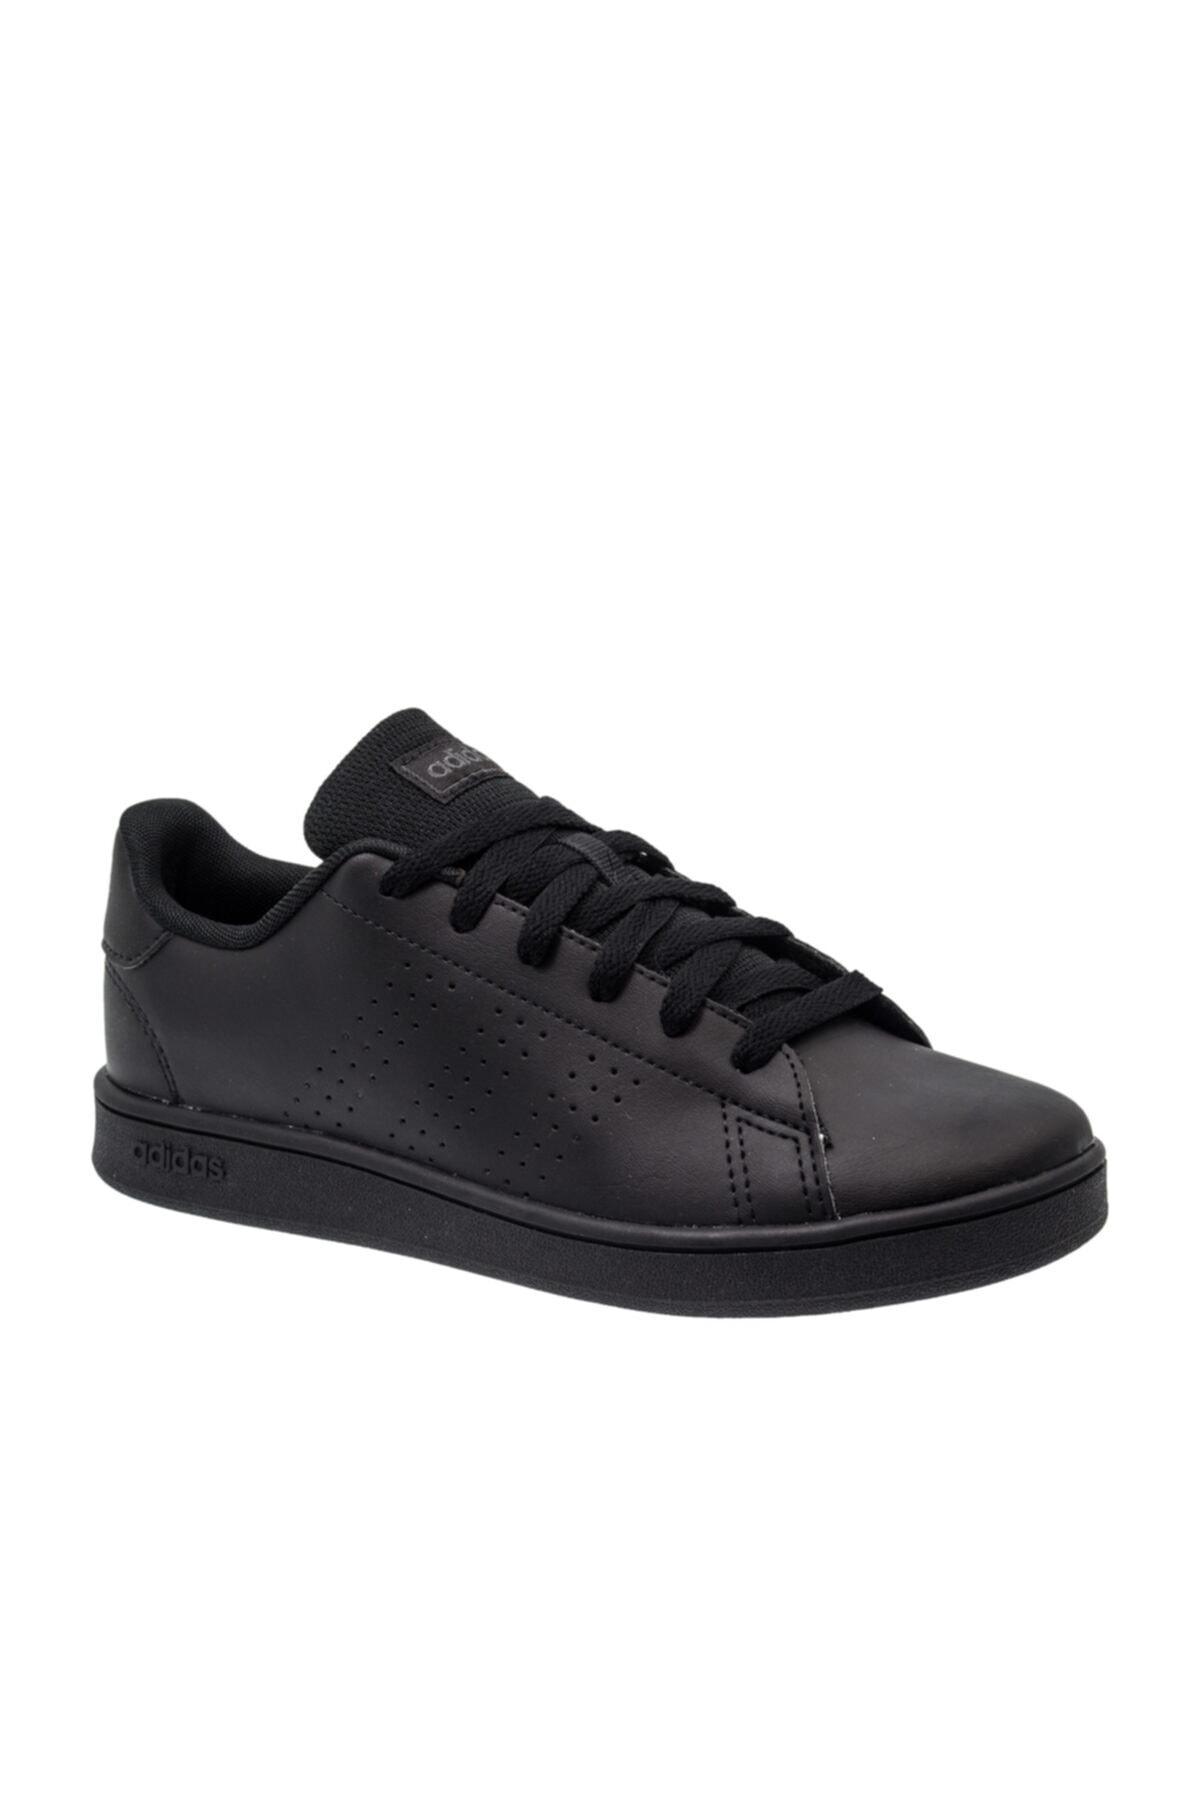 Advantage K Erkek Siyah Günlük Ayakkabı - Ef0212